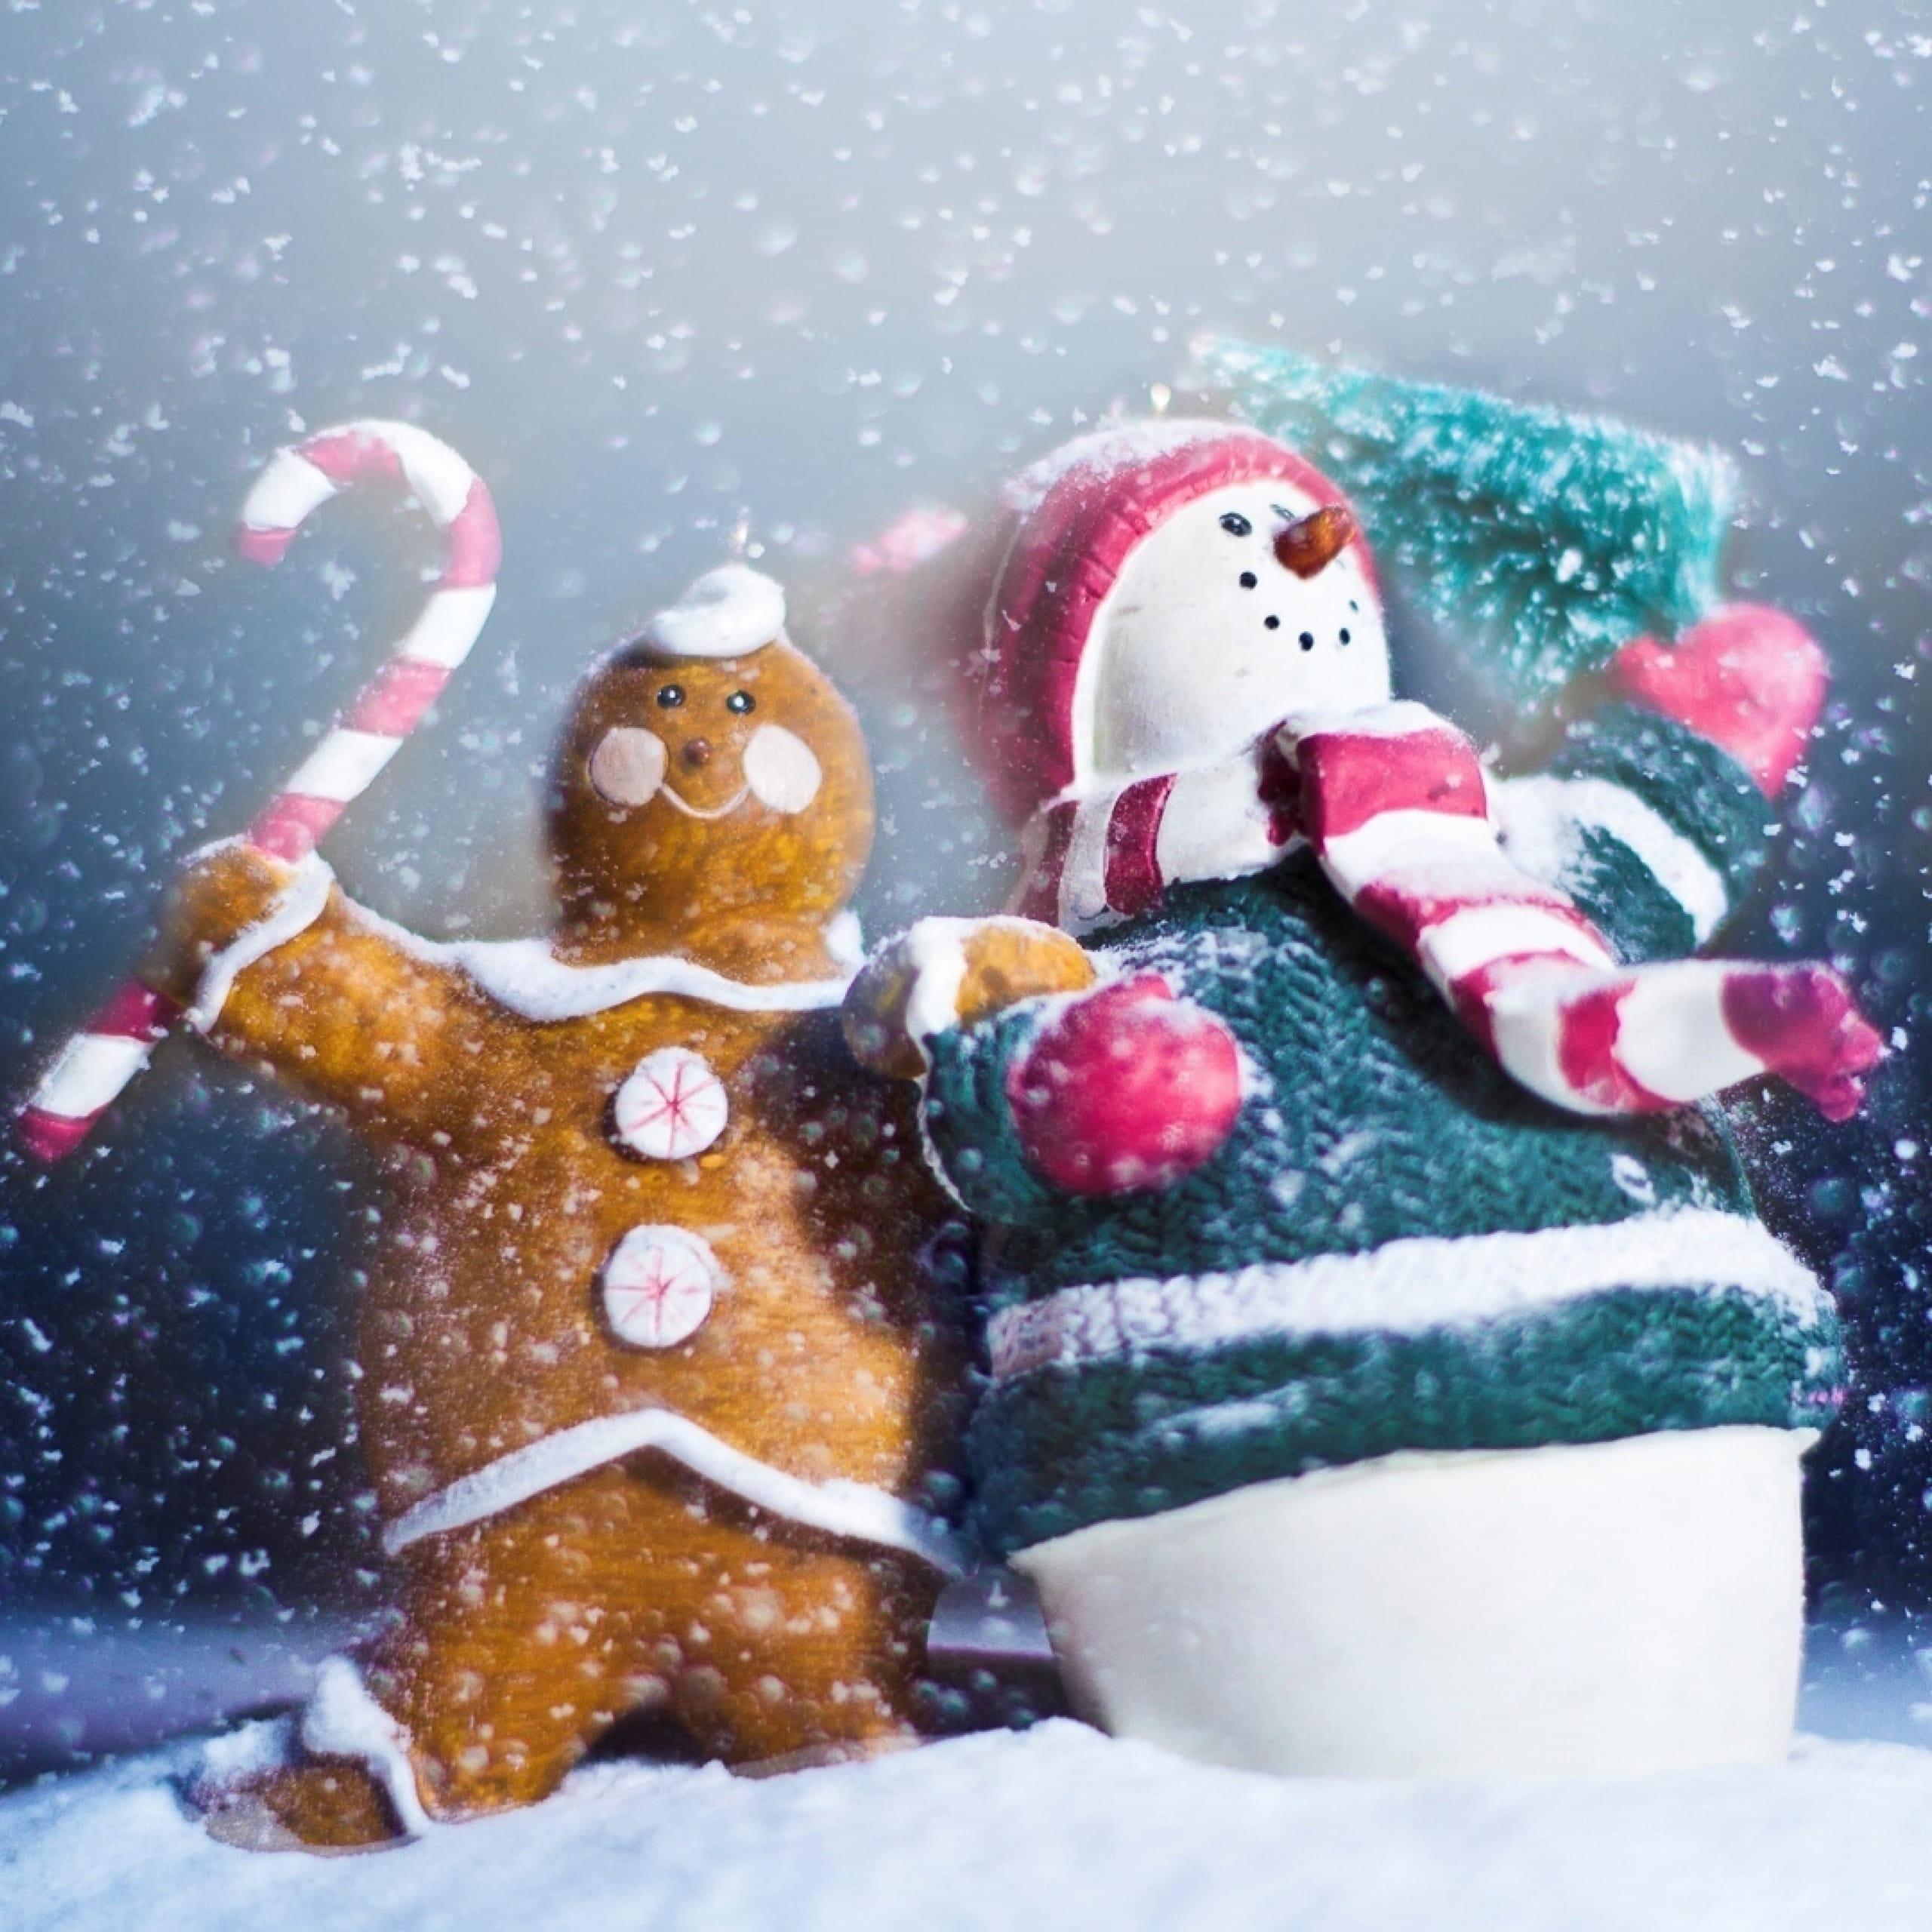 Лучшие картинки зимние на обои   подборка (9)